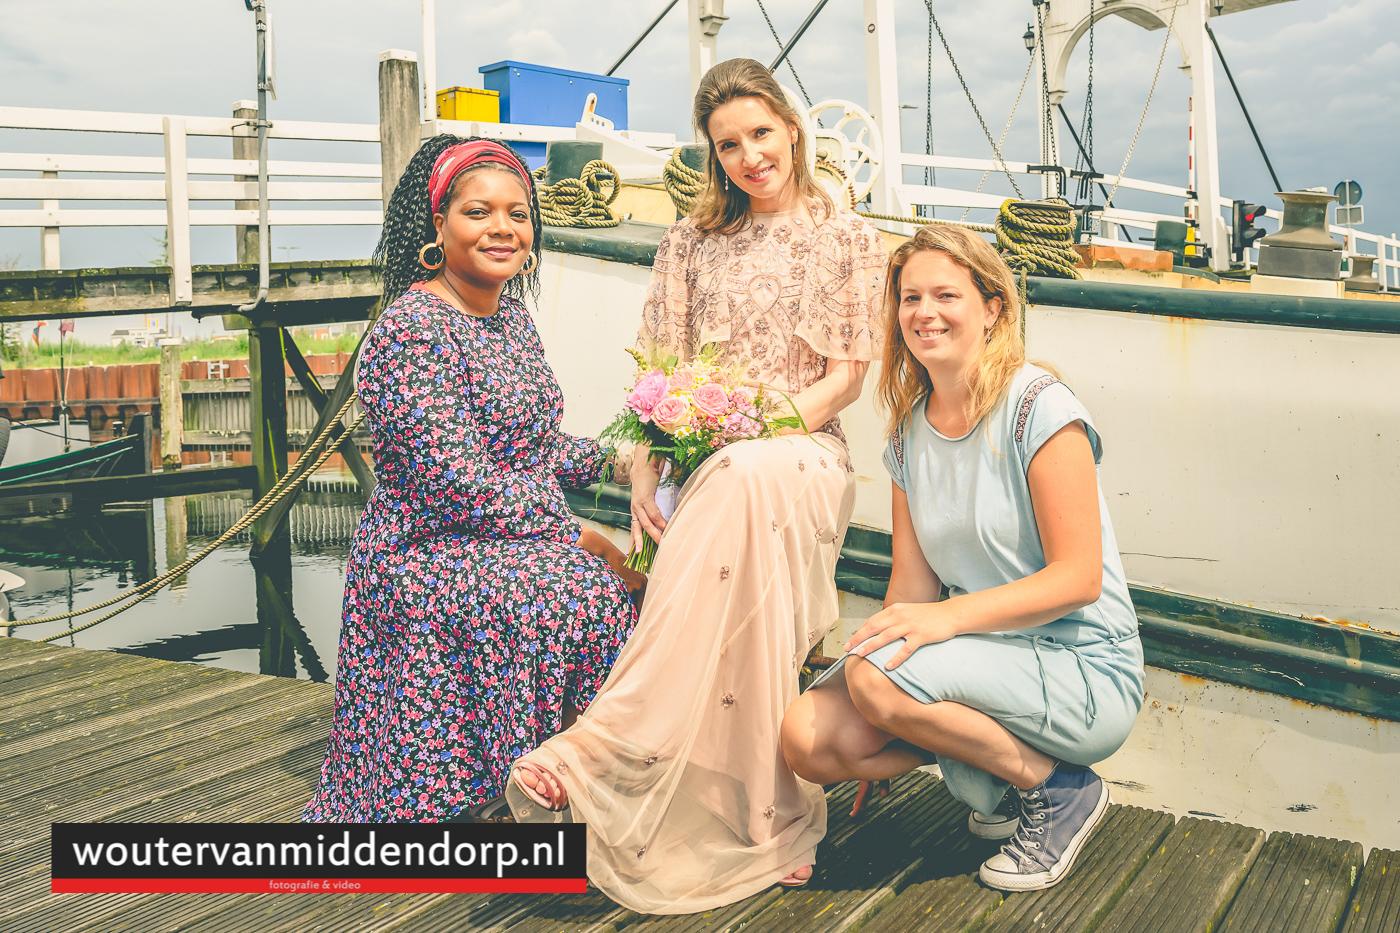 Wouter van Middendorp bruidsfotografie Harderwijk-20